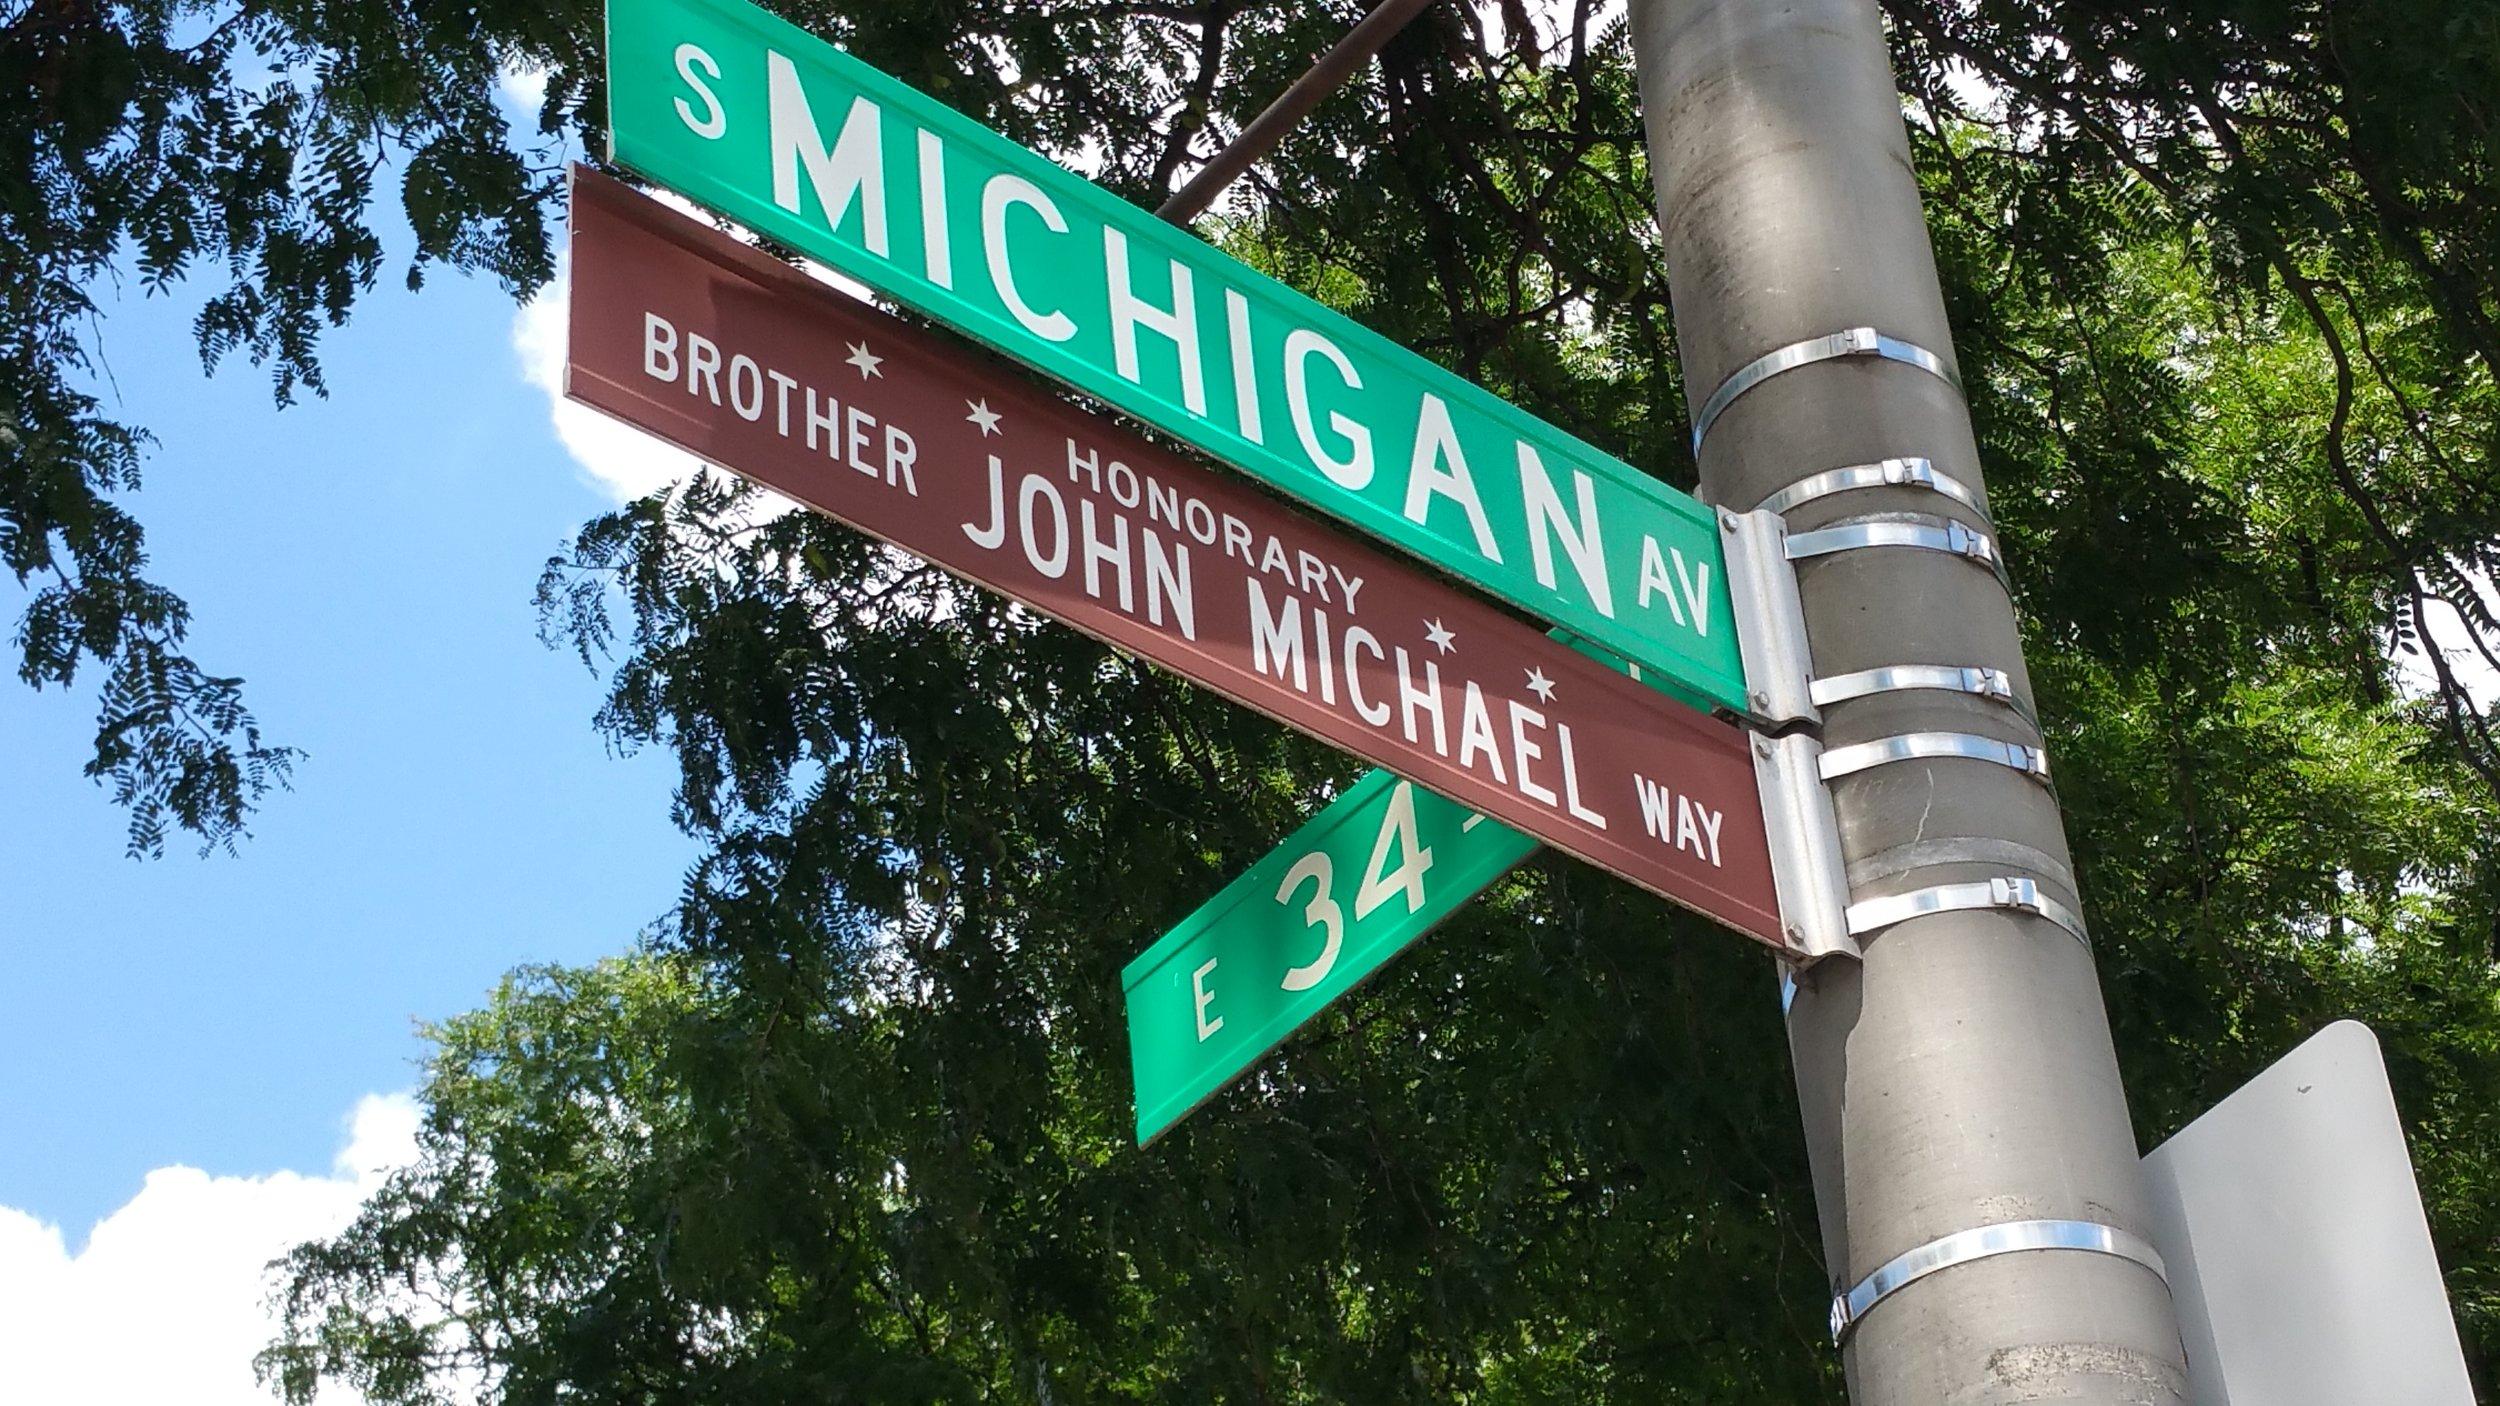 Honorary Brother John Michael Way - Chicago.jpg